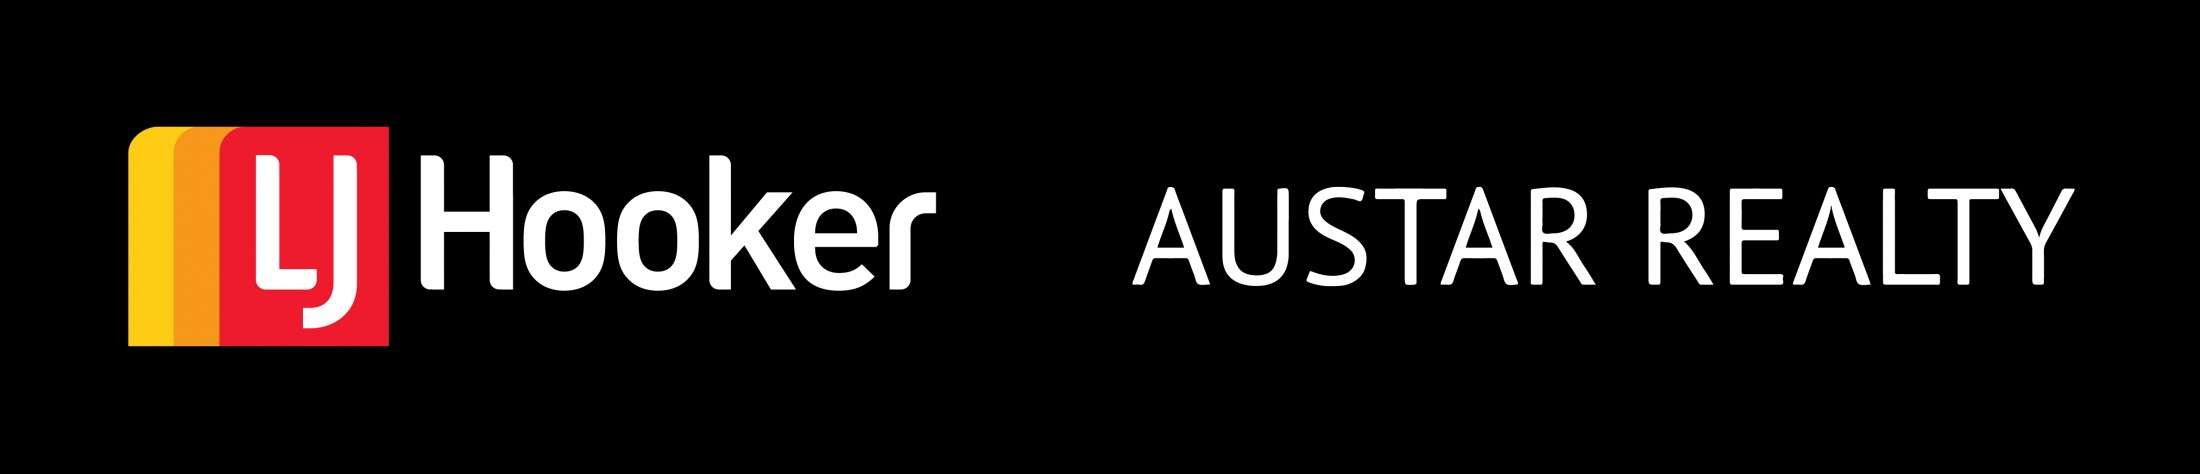 Lj Hooker & Austar Realty